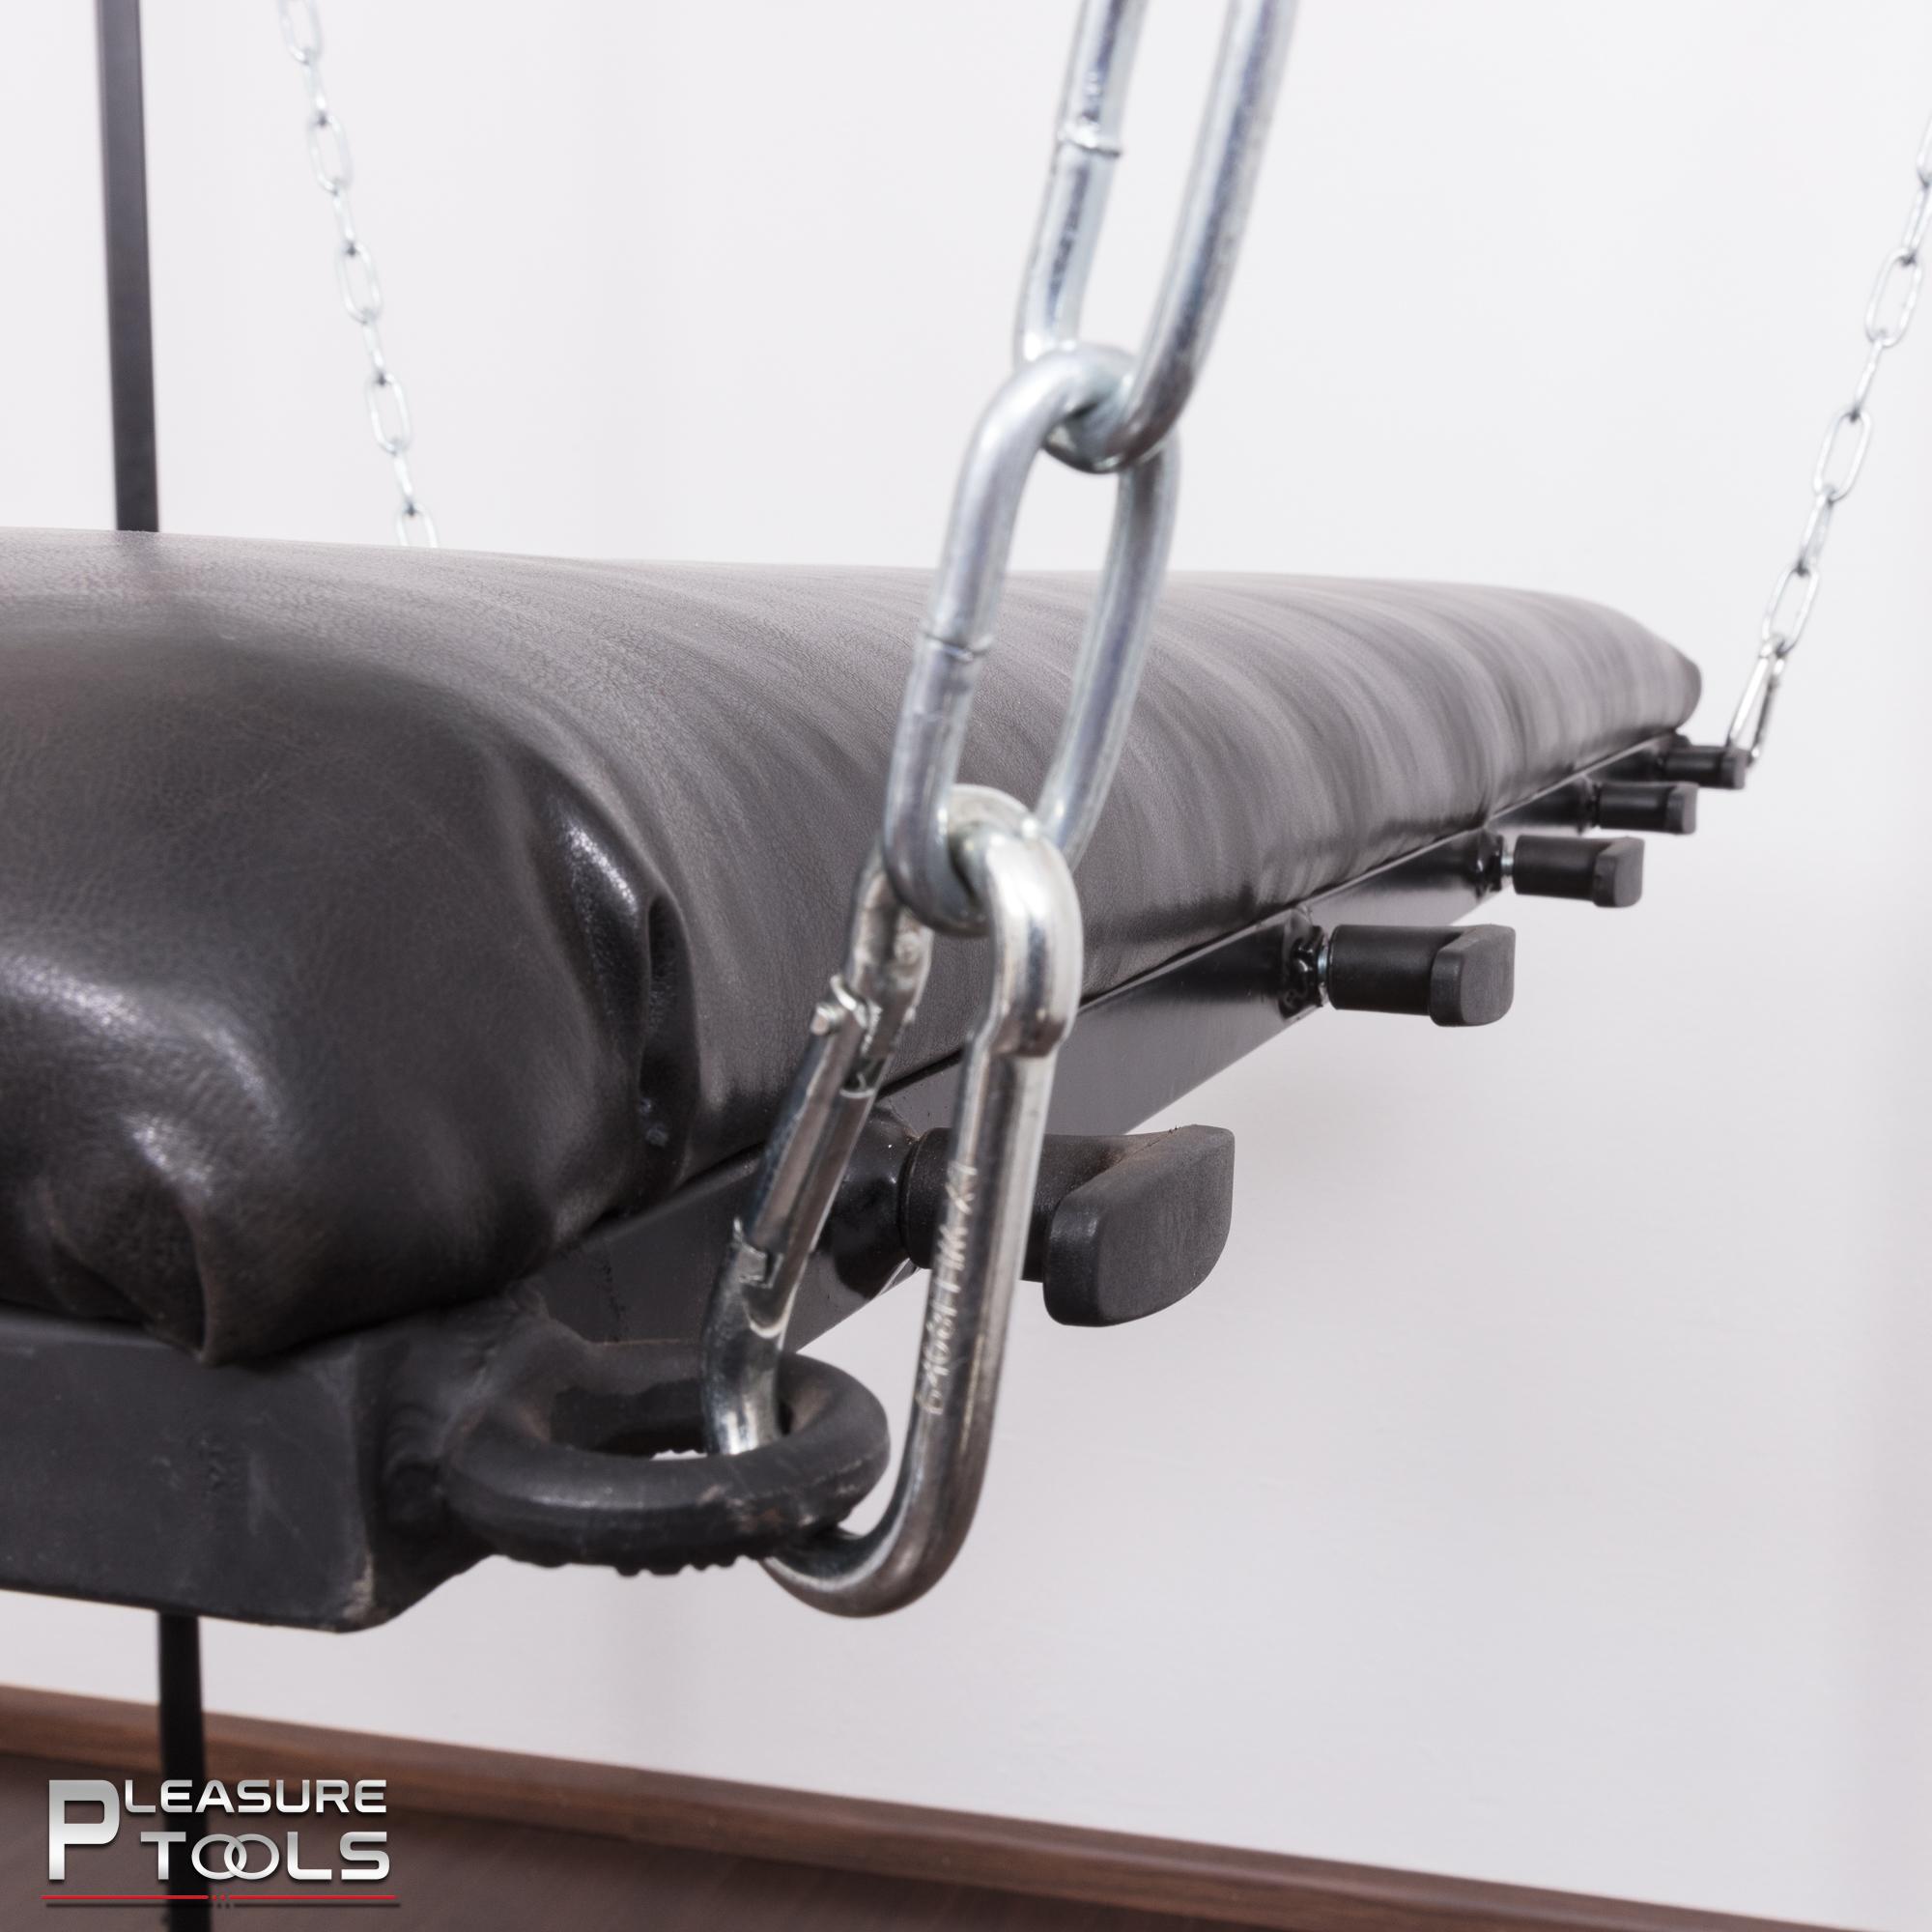 Pleasure Tools bondagetafel detail